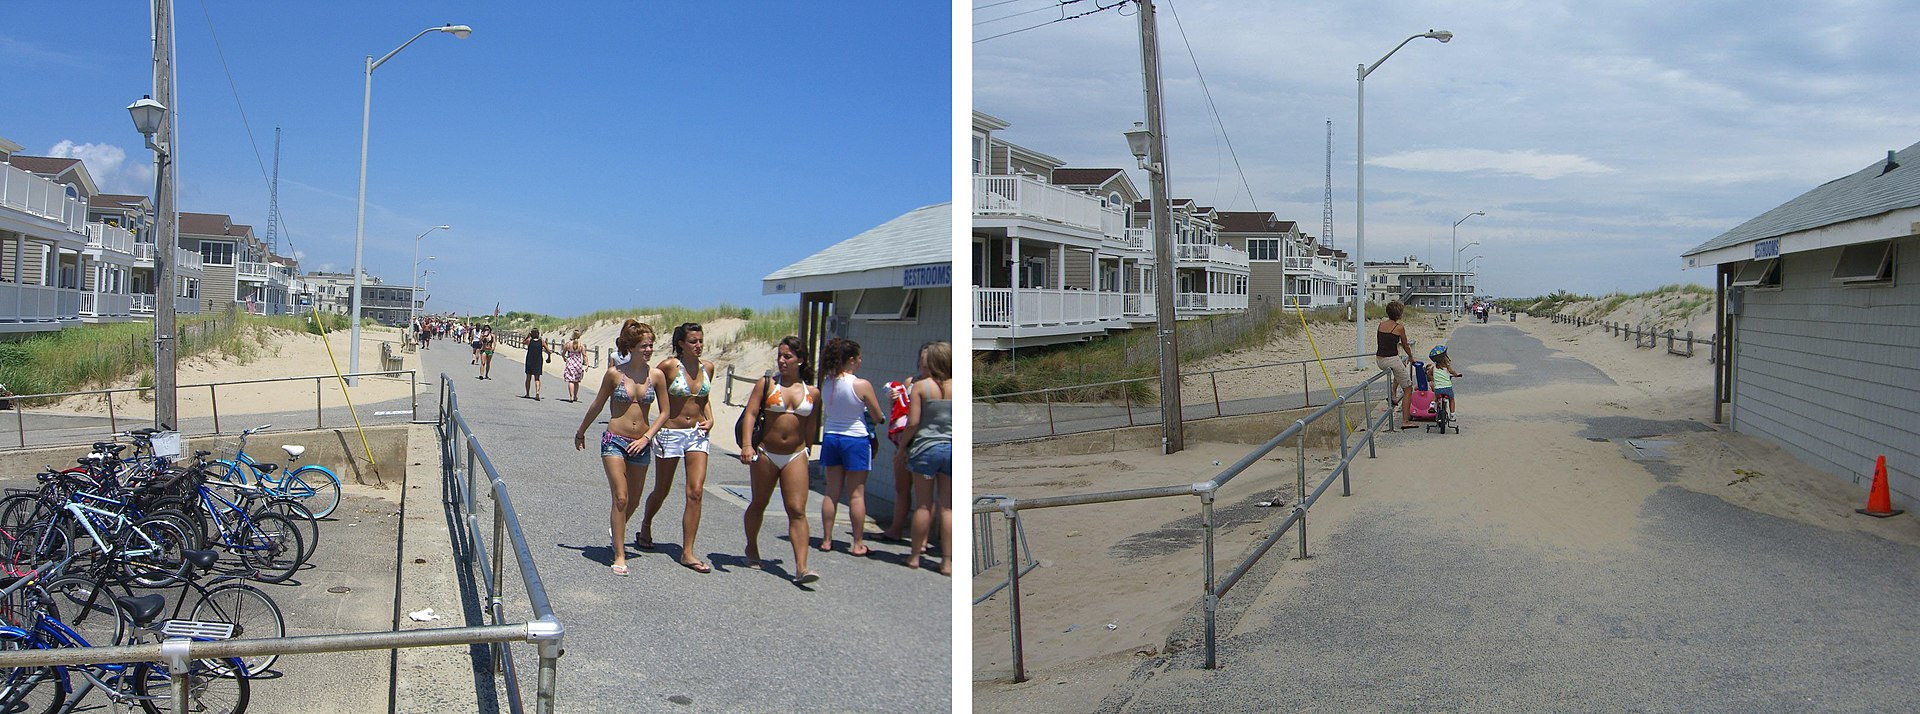 1920px-Boardwalk7.13.08-9.24.06ByLuigiNovi1.jpg